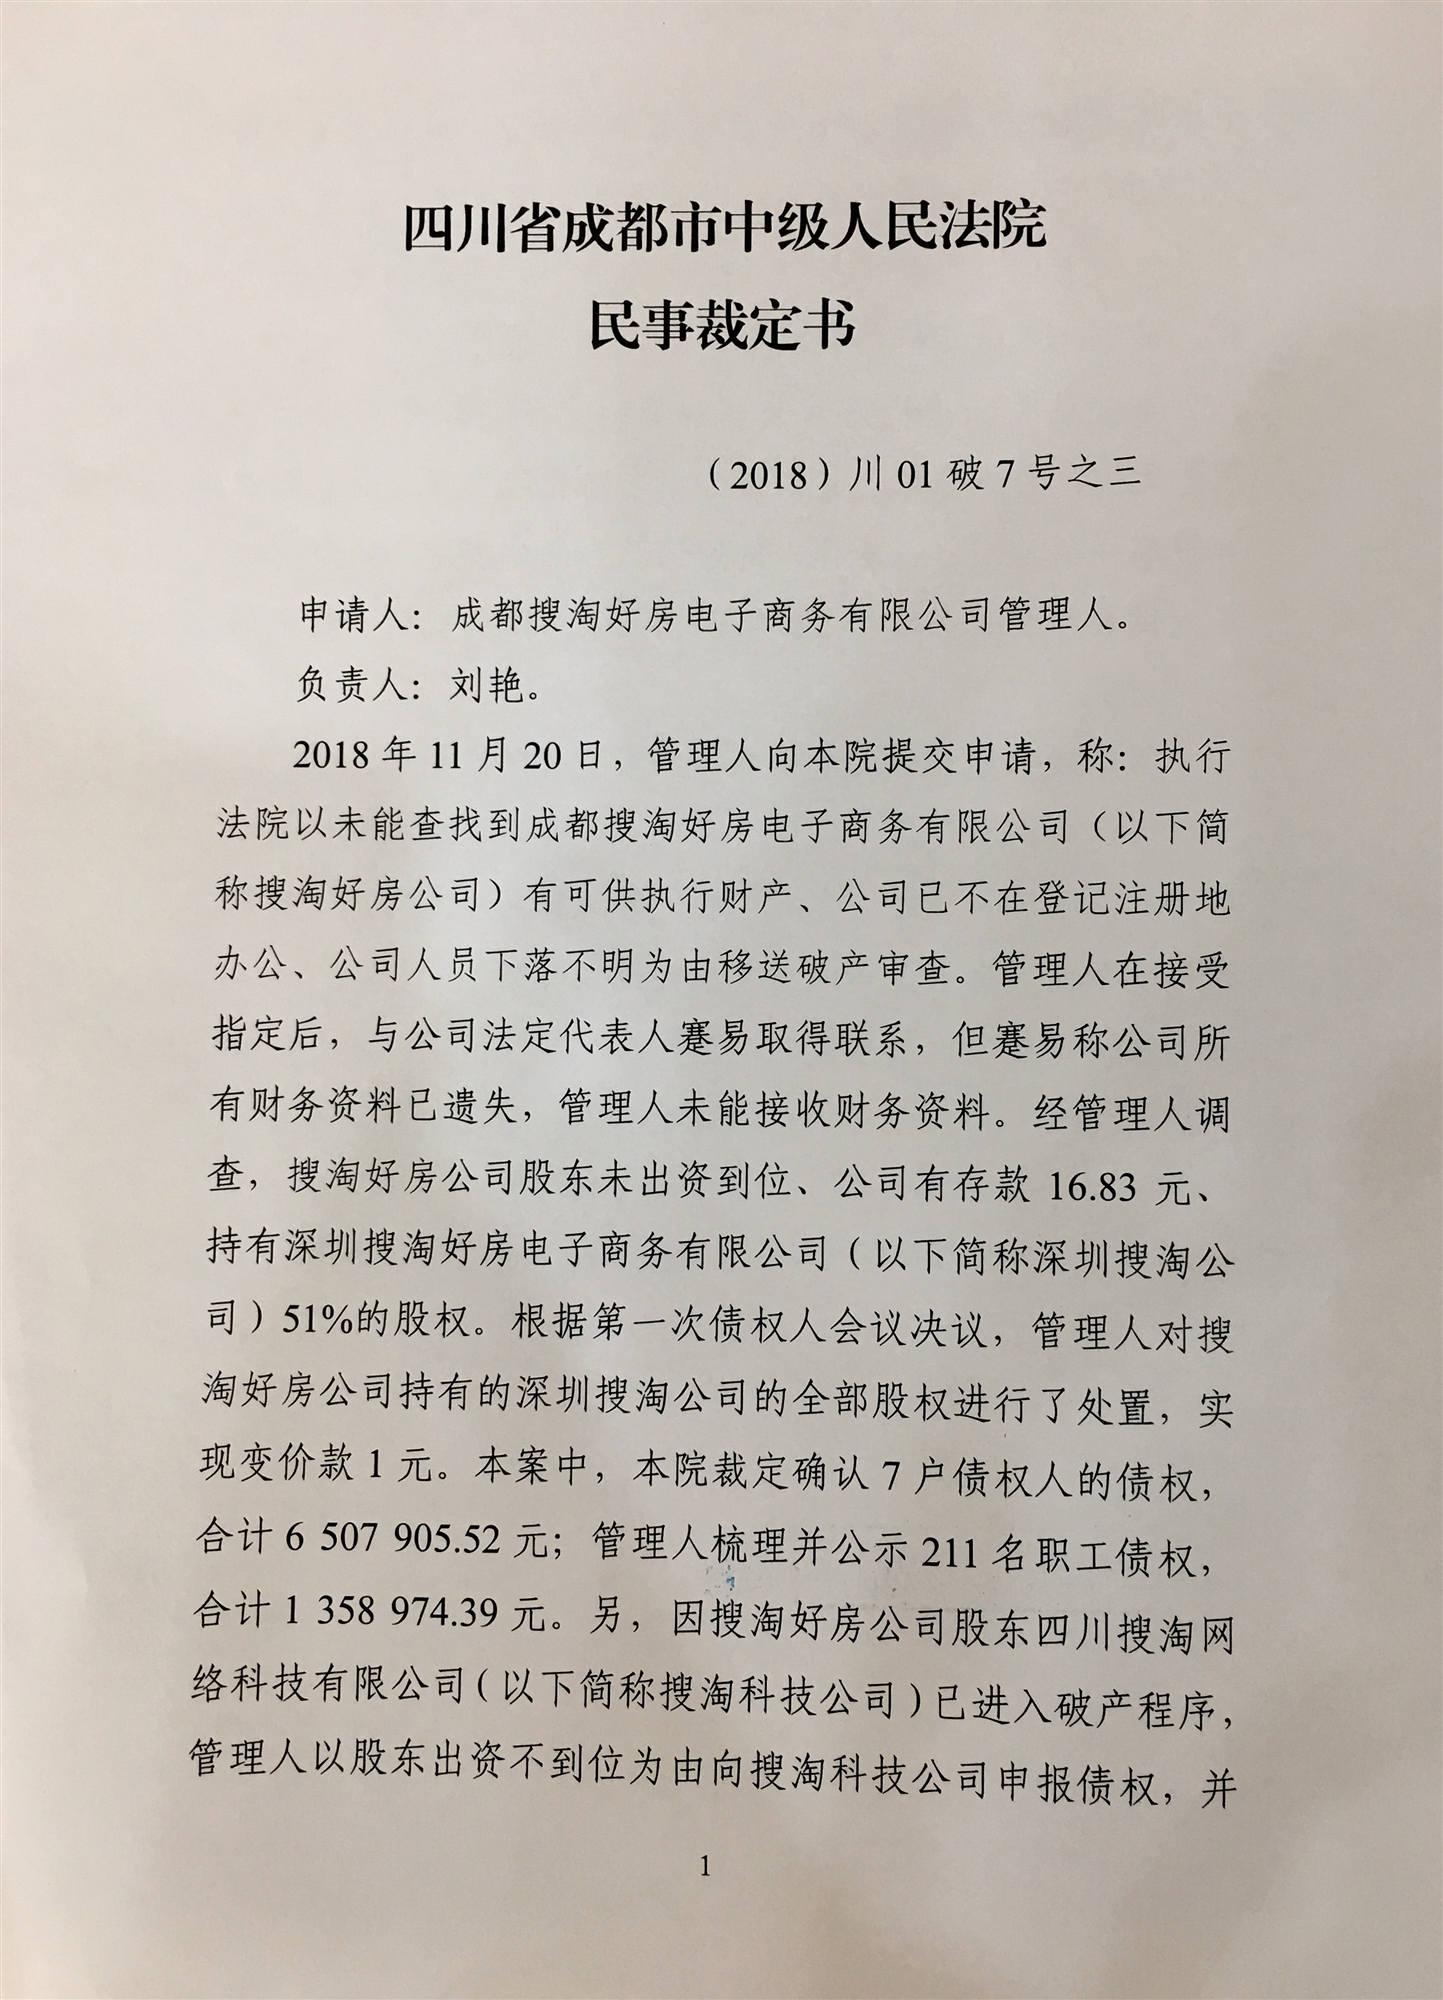 公告丨成都搜淘好房电子商务有限公司金豪棋牌游戏中心程序顺利终结